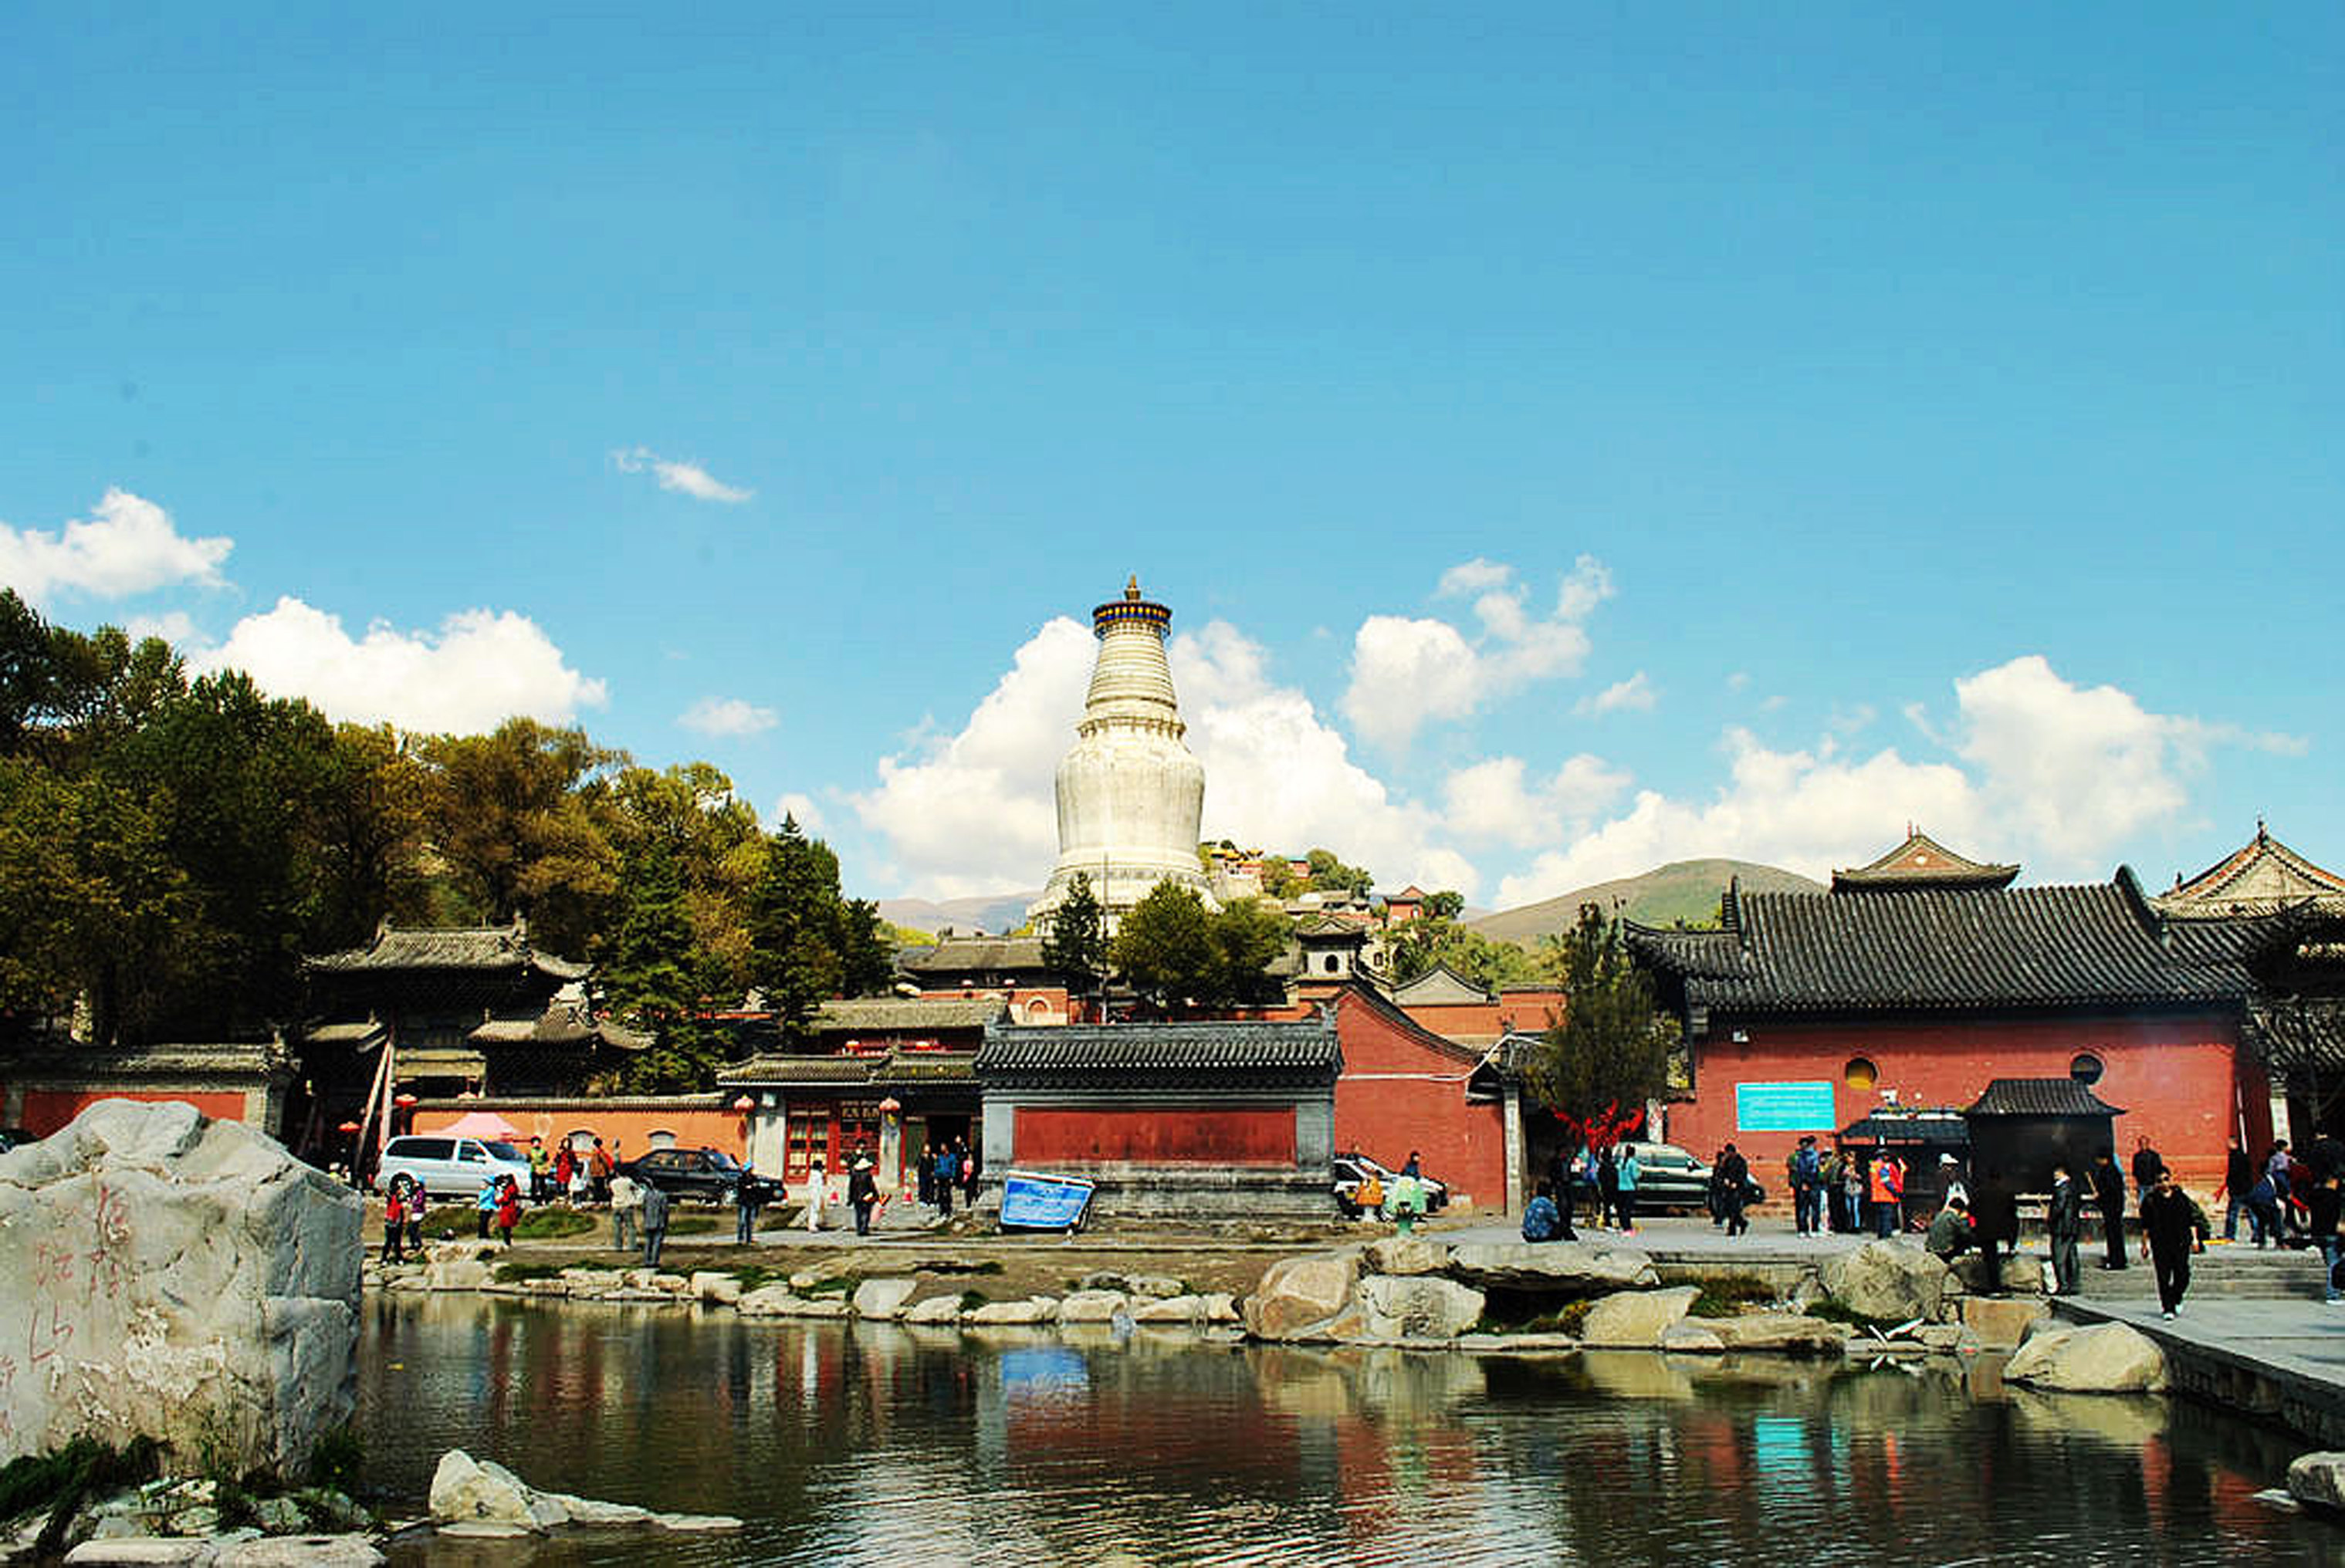 天津周边一日游_类似北戴河和 天津这样的~ 不远 但又很适合旅游的城市~(可加分)